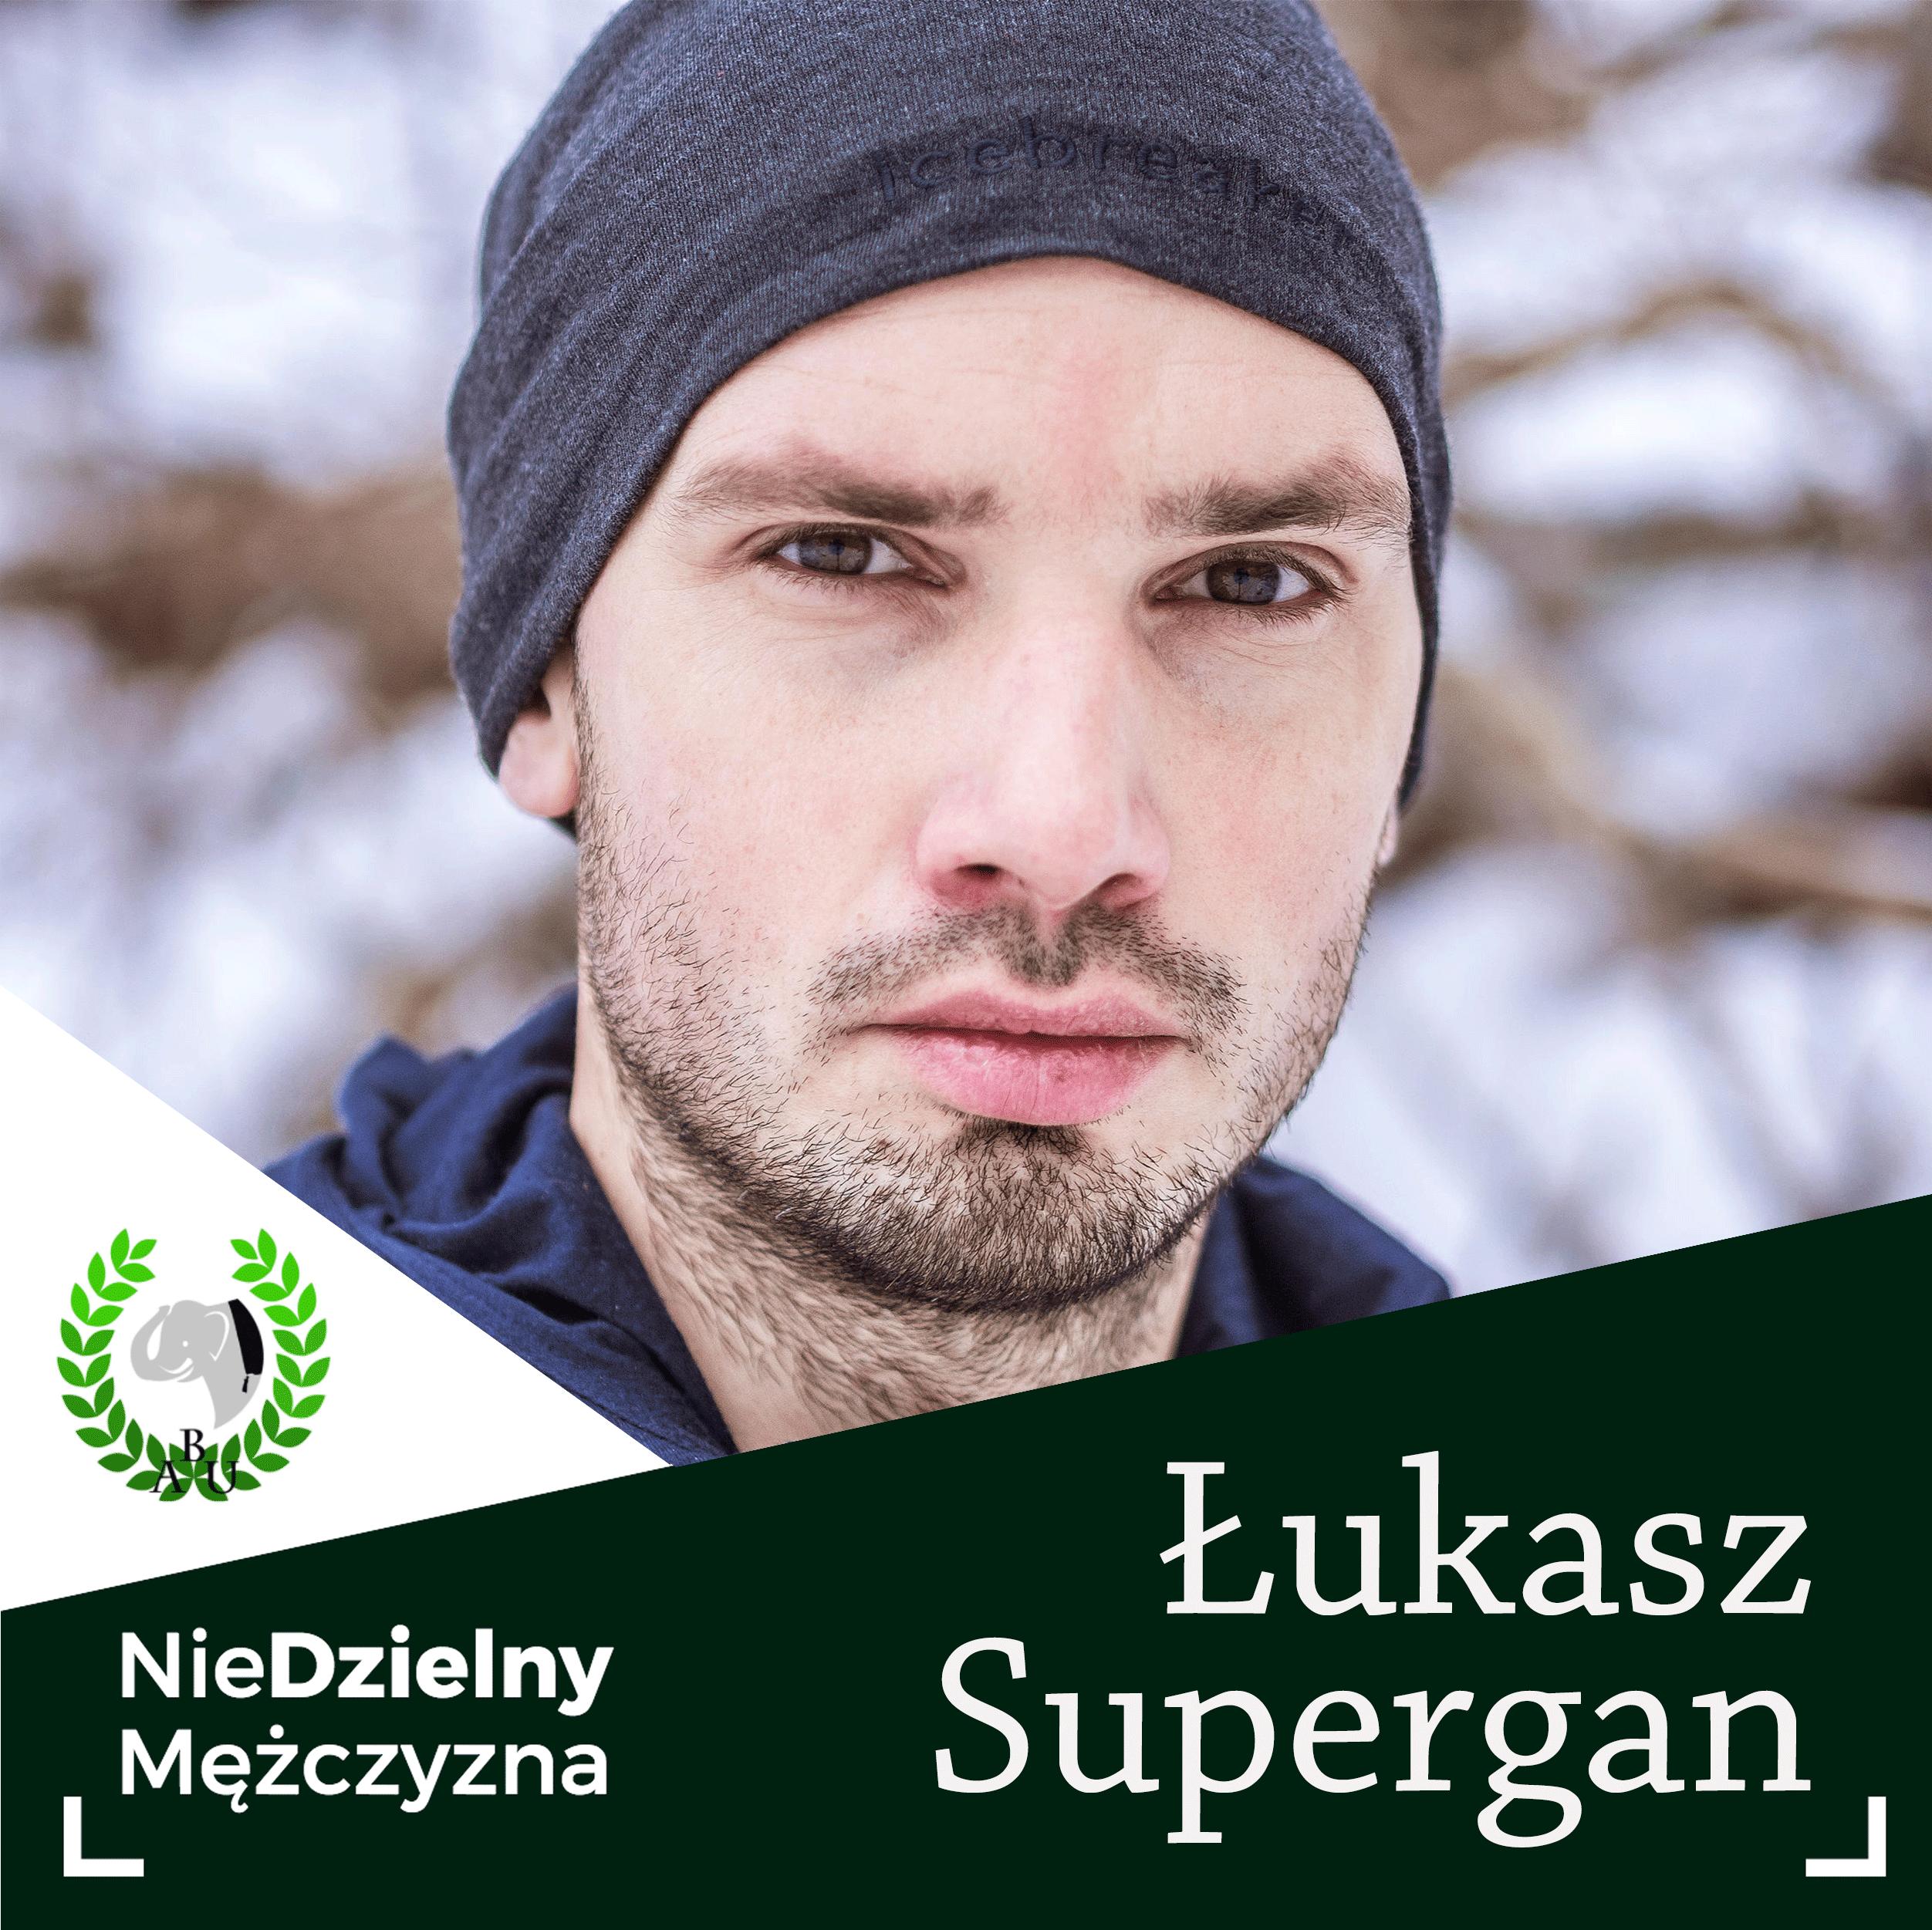 15.o3.2018 Spotkanie z Łukaszem Superganem